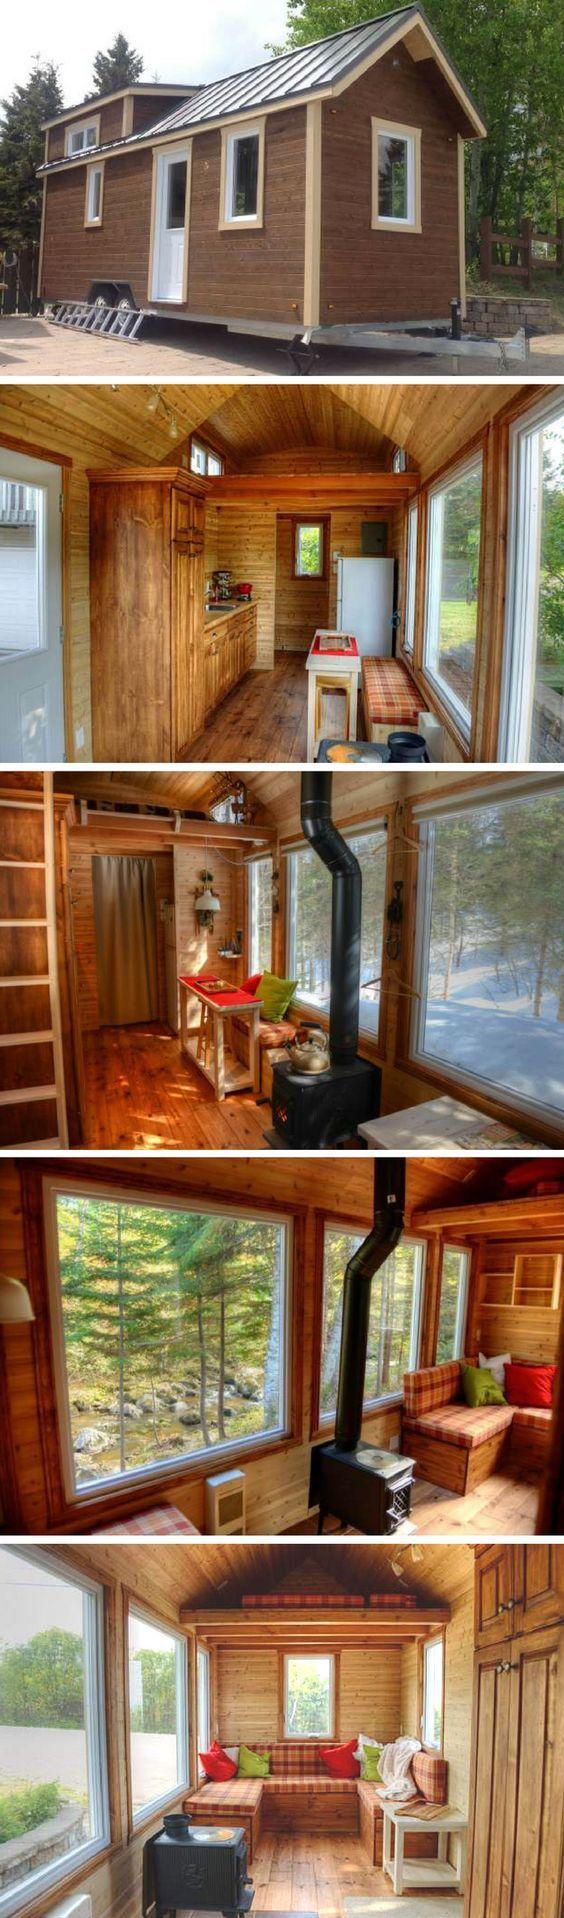 117 besten tiny homes Bilder auf Pinterest   Kleine häuser ...